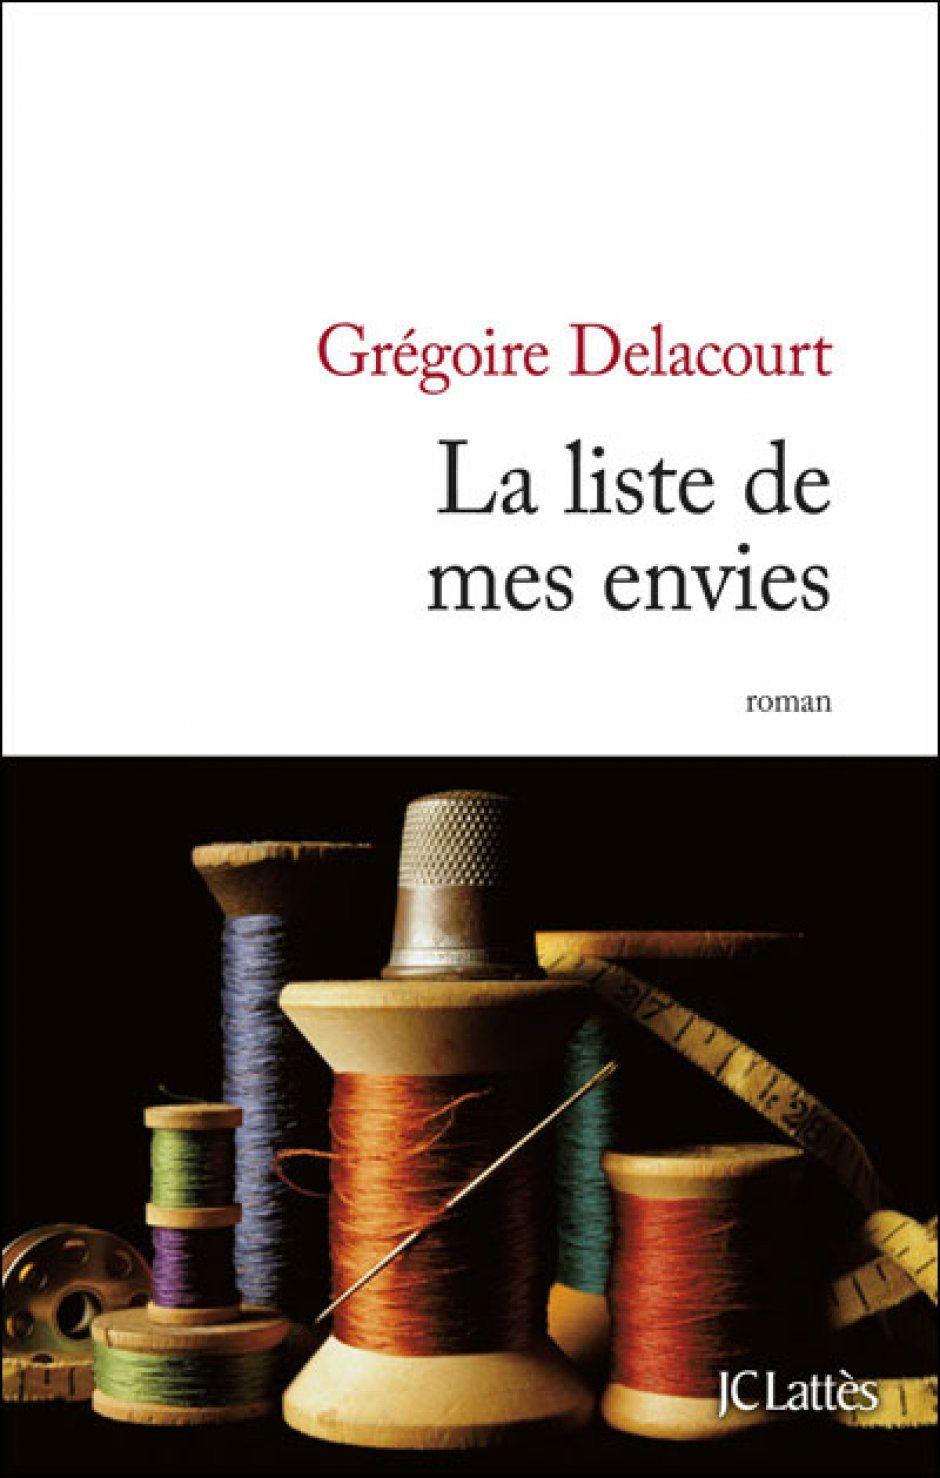 La liste de mes envies, de Grégoire Delacourt